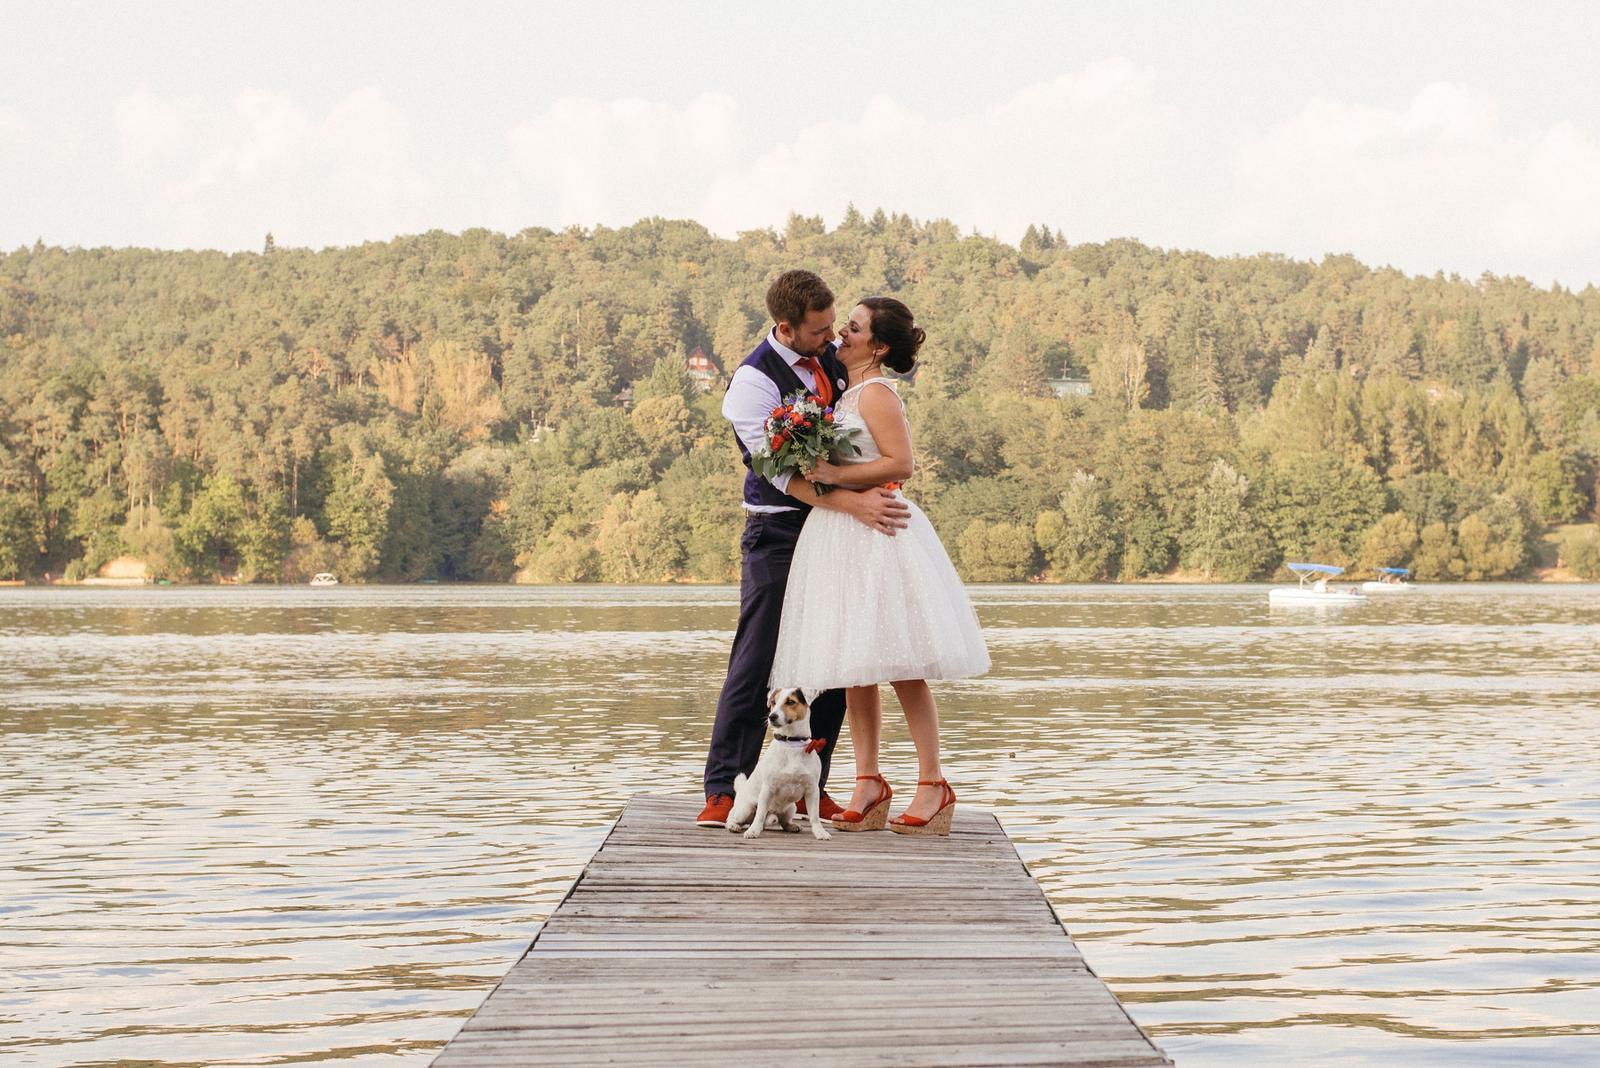 Terka a Michal, retro svatba na přehradě - Obrázek č. 93